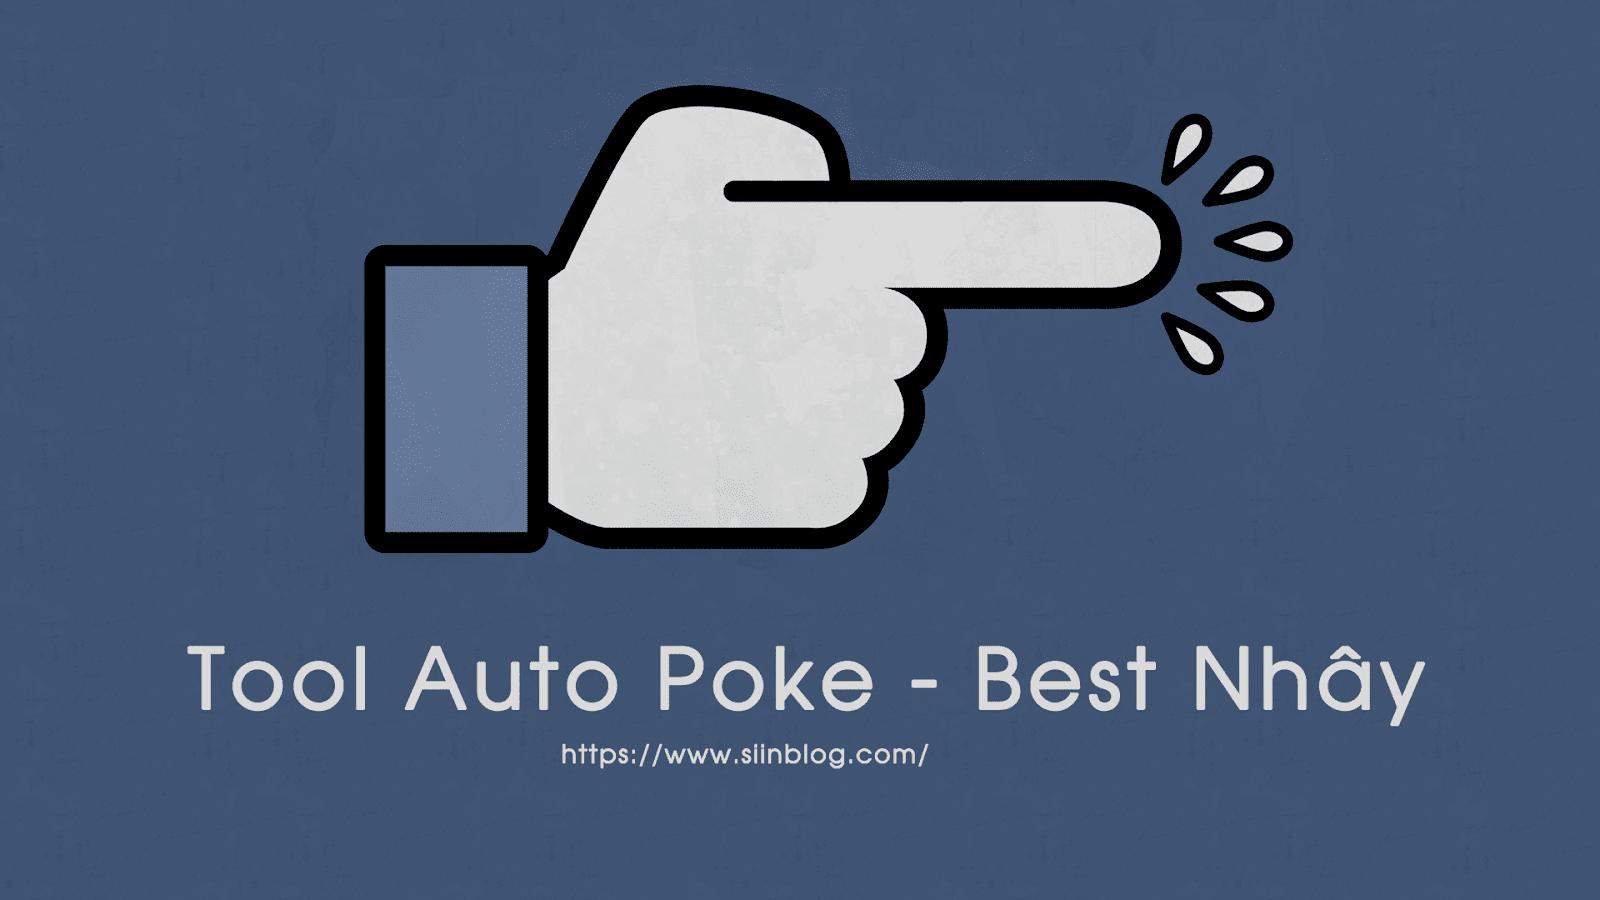 Poke Tool - Tool Chọc Bạn Bè Best Nhây